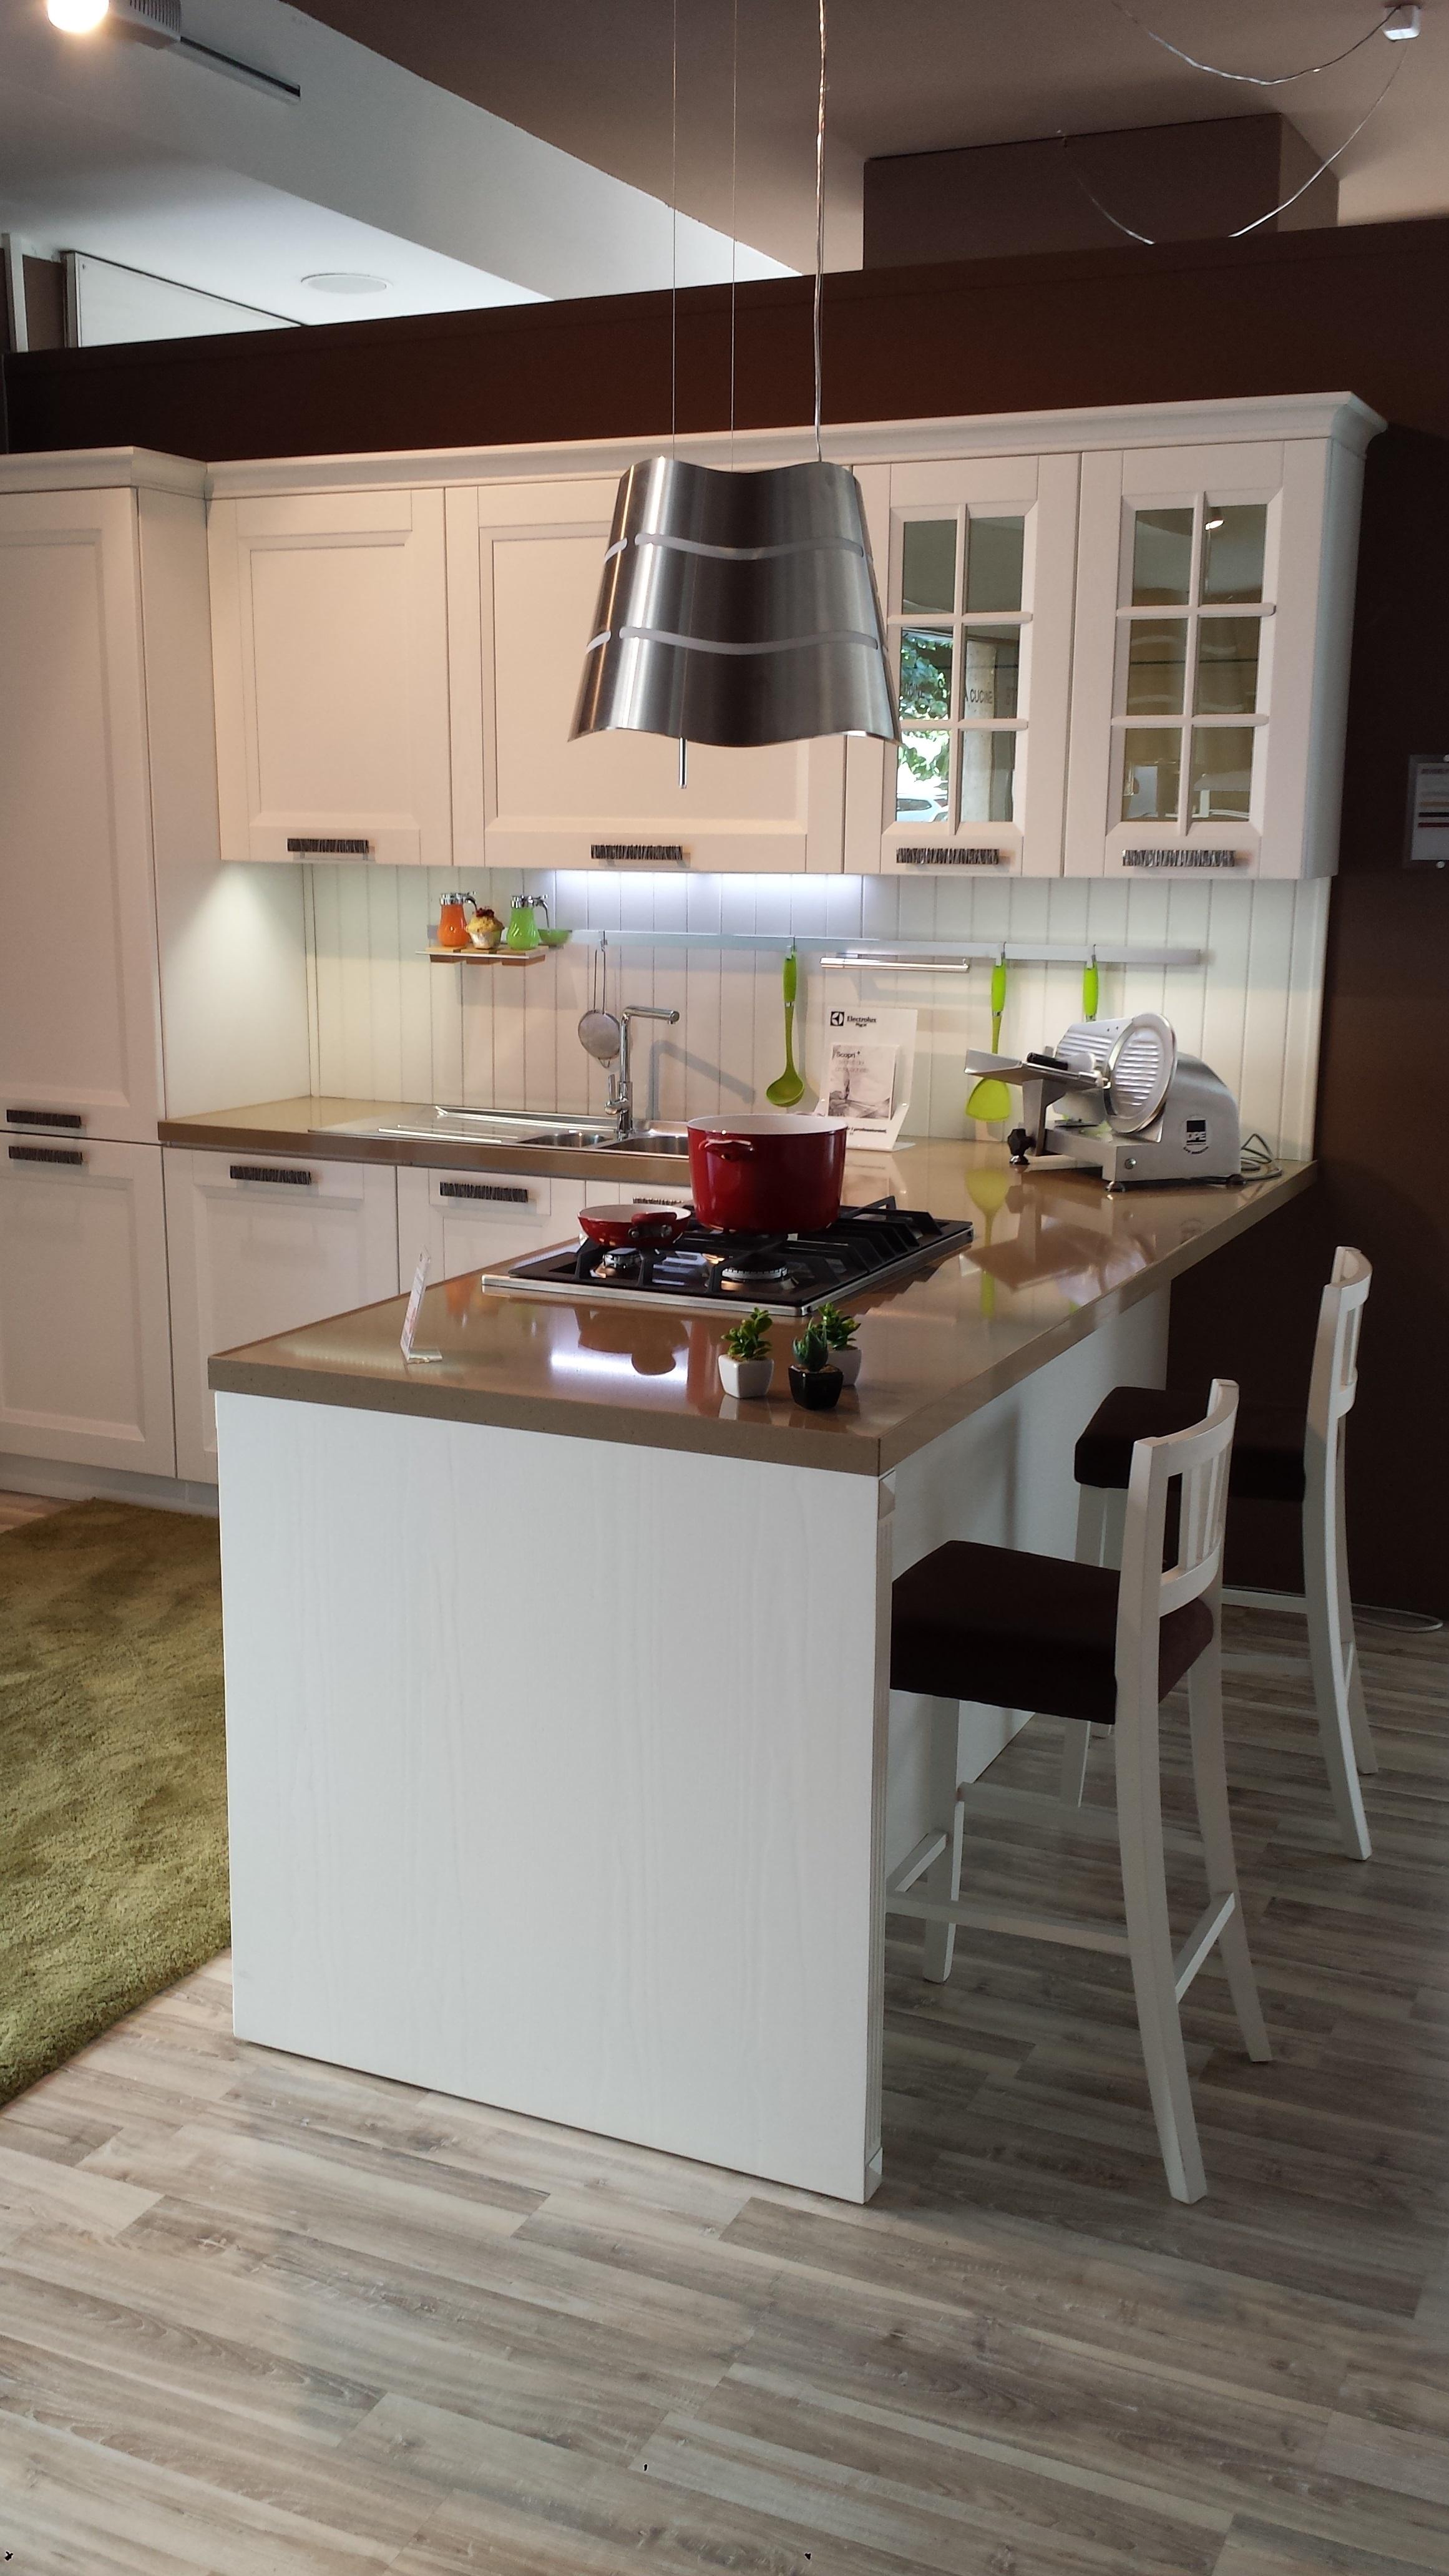 Cucina stosa mod beverly completa di elettrodomestici - Disposizione elettrodomestici cucina ...